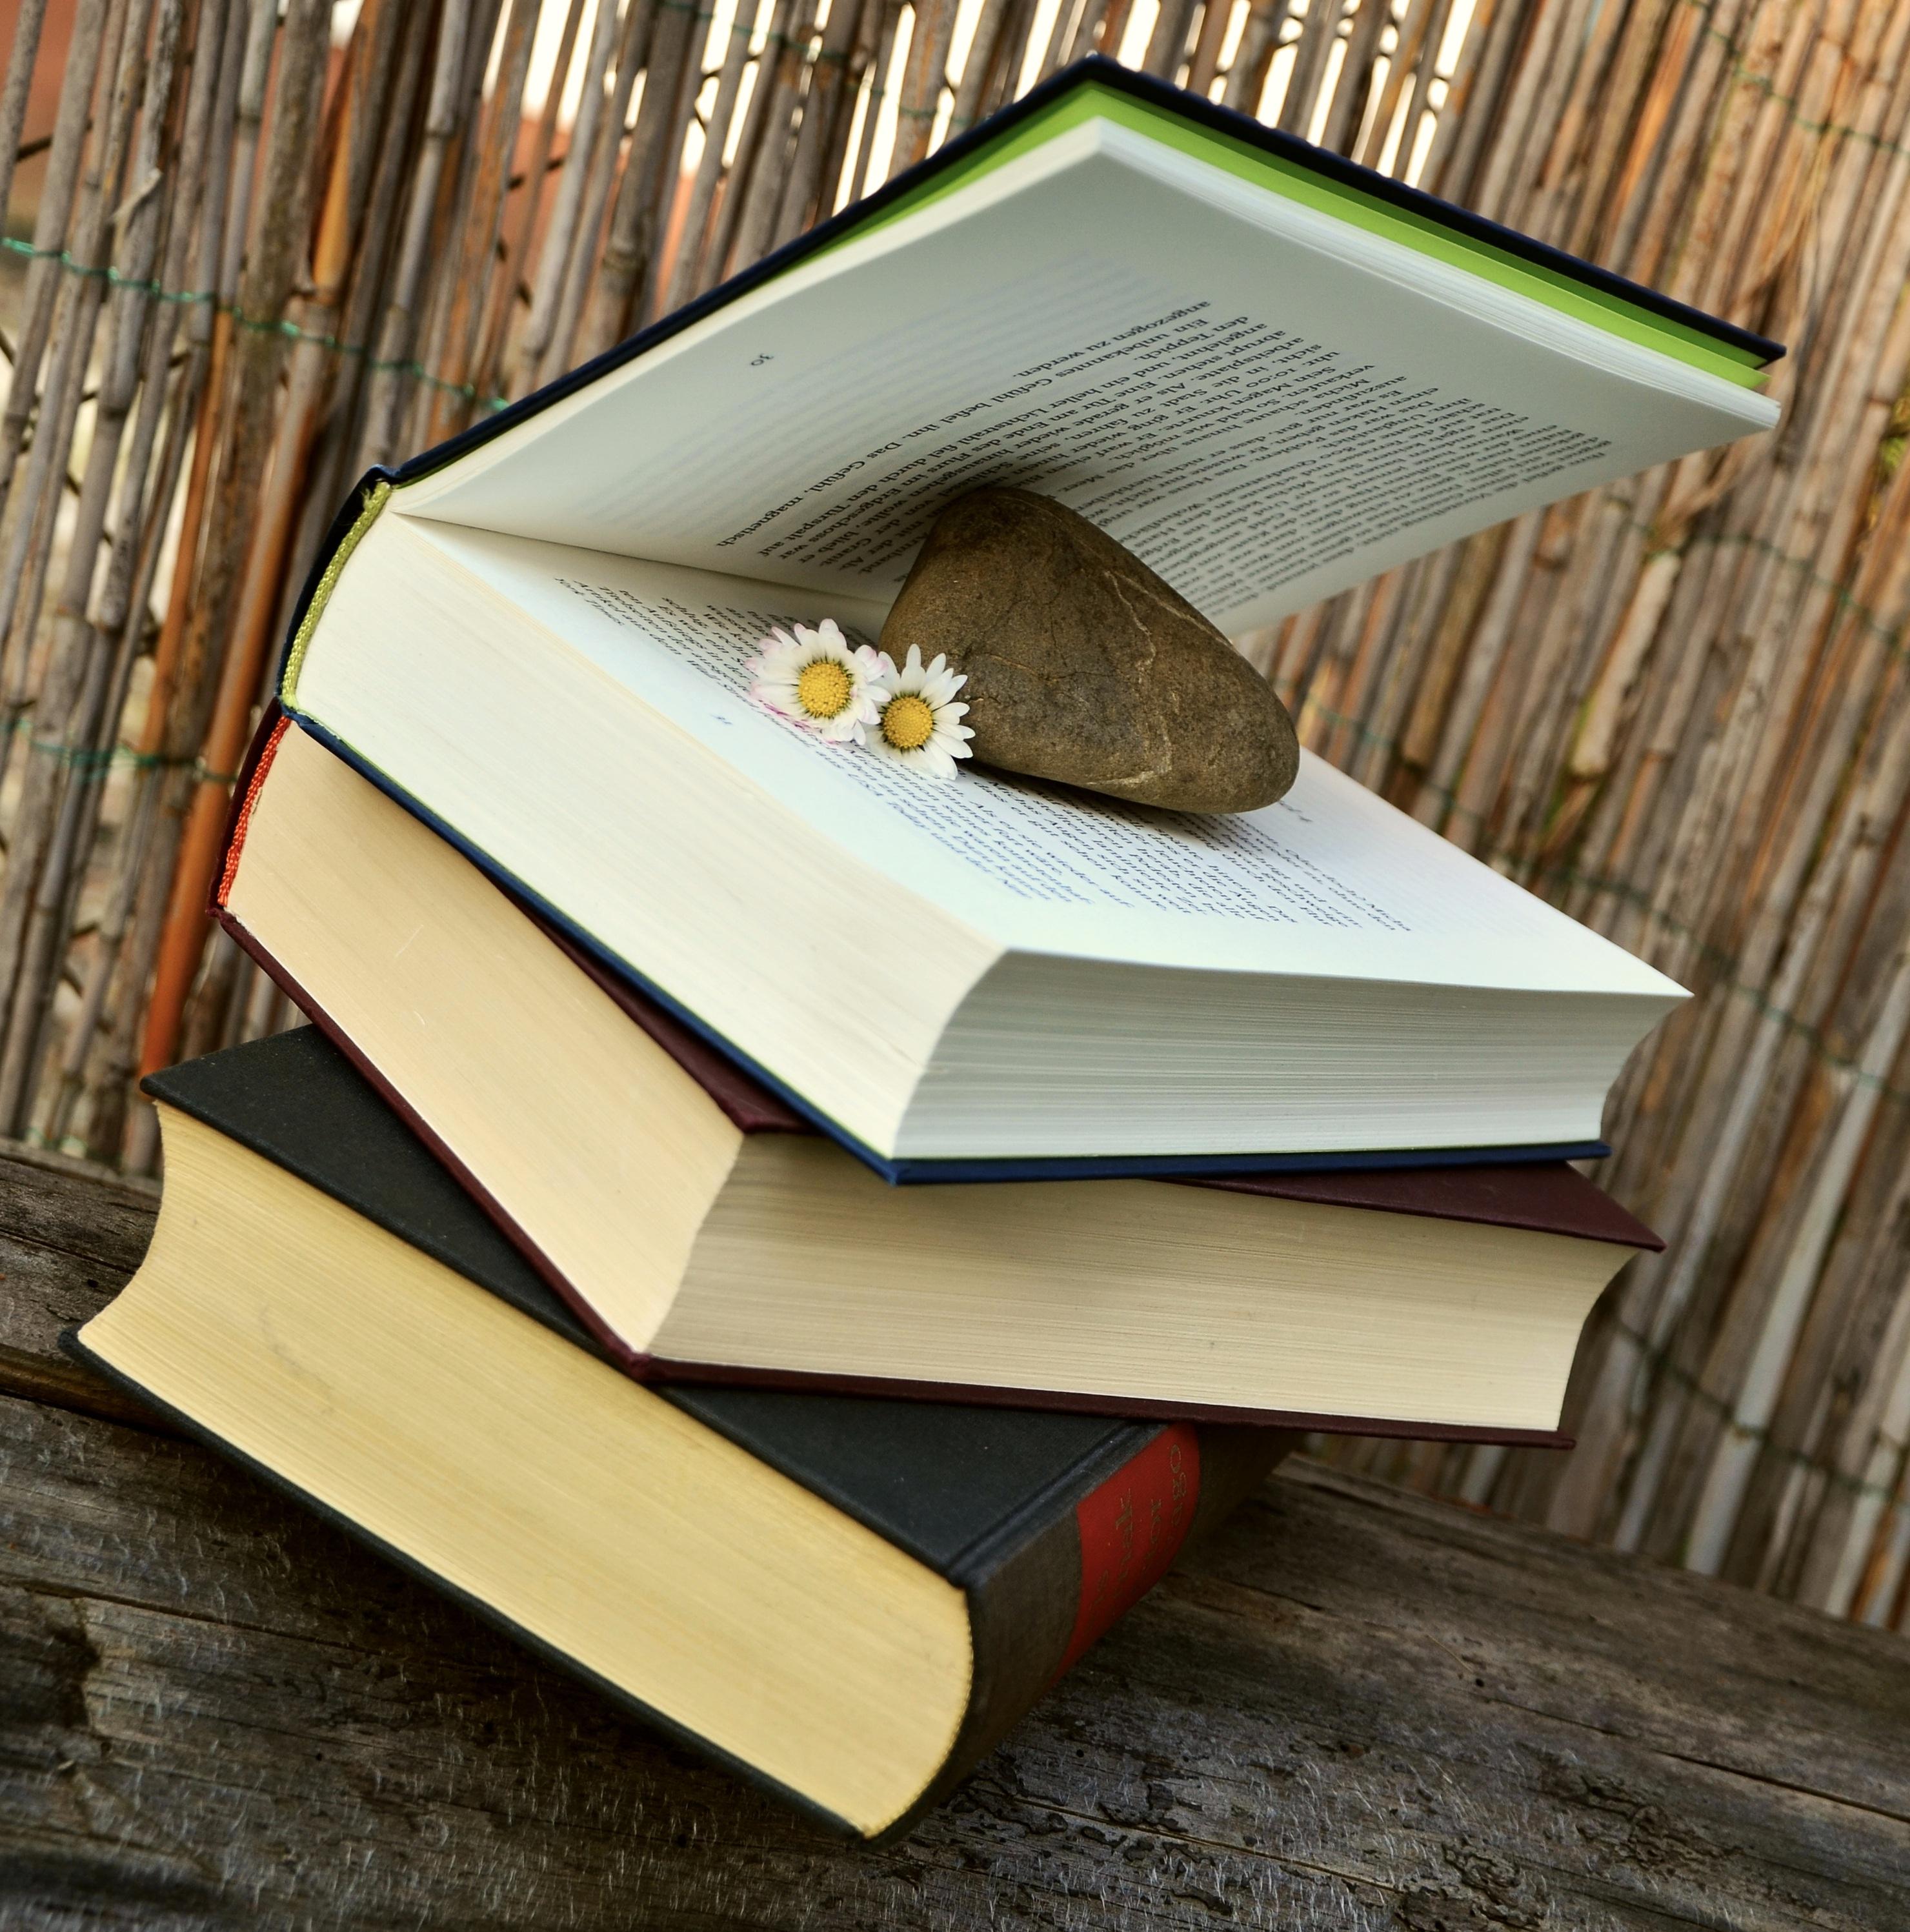 Tabelle Lesen öffnen Flügel Holz Entspannen Sie Sich Möbel Literatur Studie  Entwurf Bücher Buchseiten